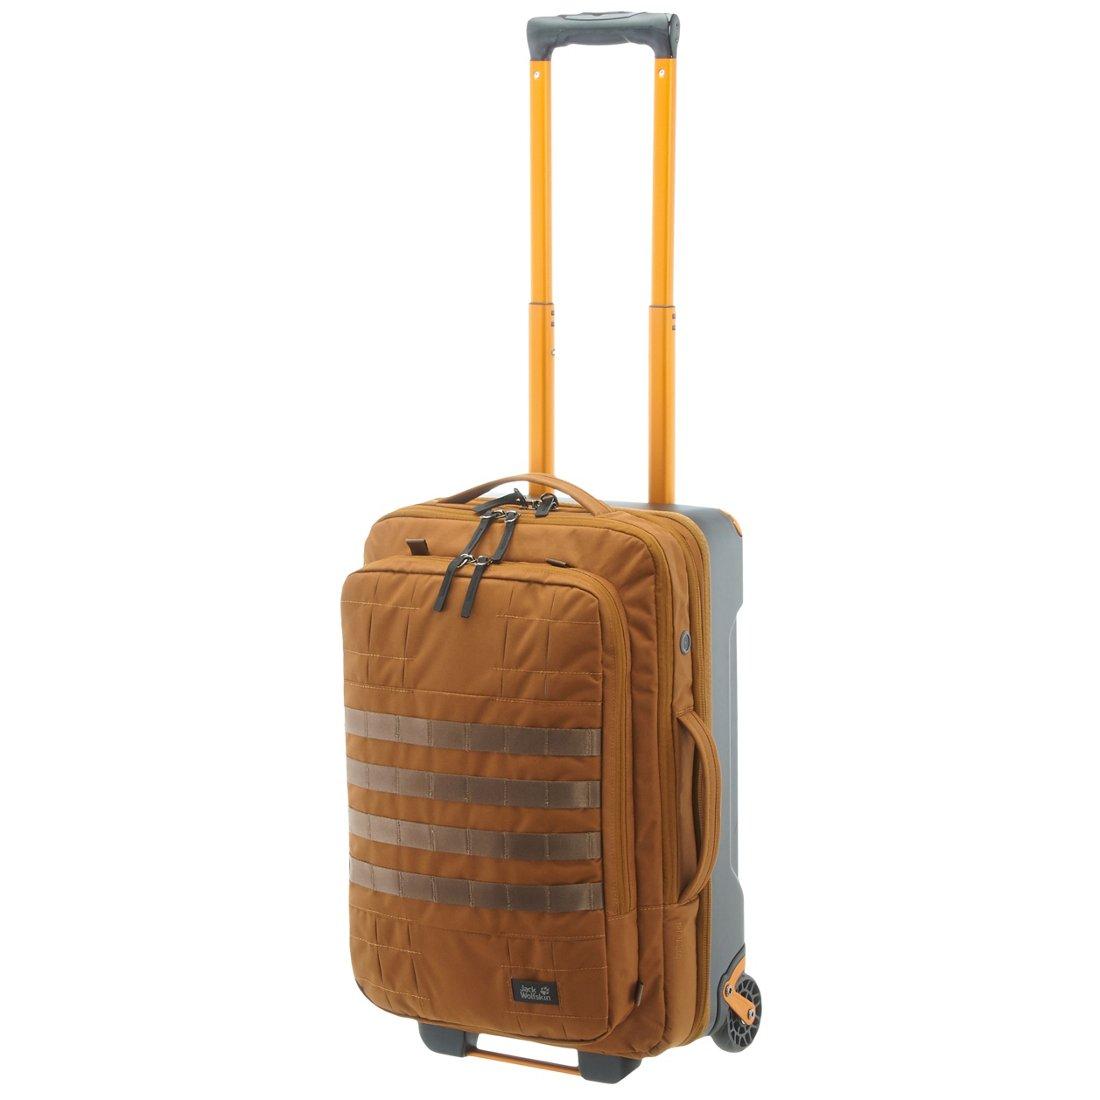 Jack Wolfskin Travel Trt Rail 40 Rollreisetasche 55 Cm Koffer